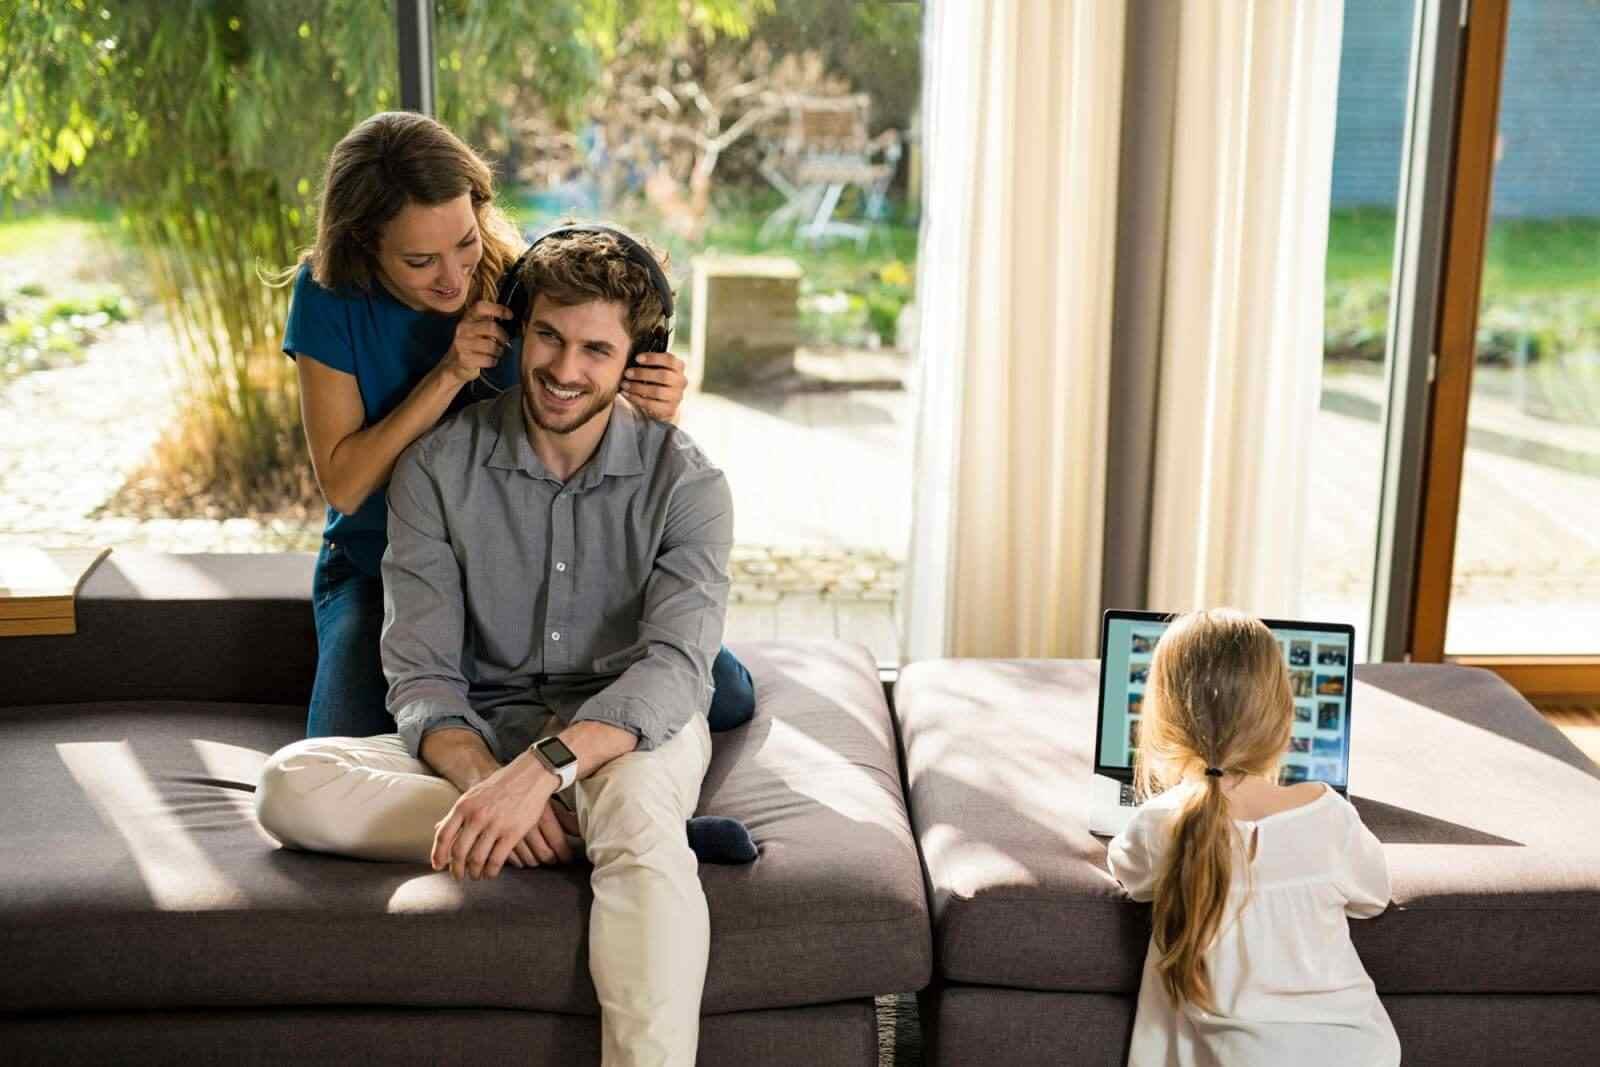 Eltern mit Technik und Kind im Wohnzimmer